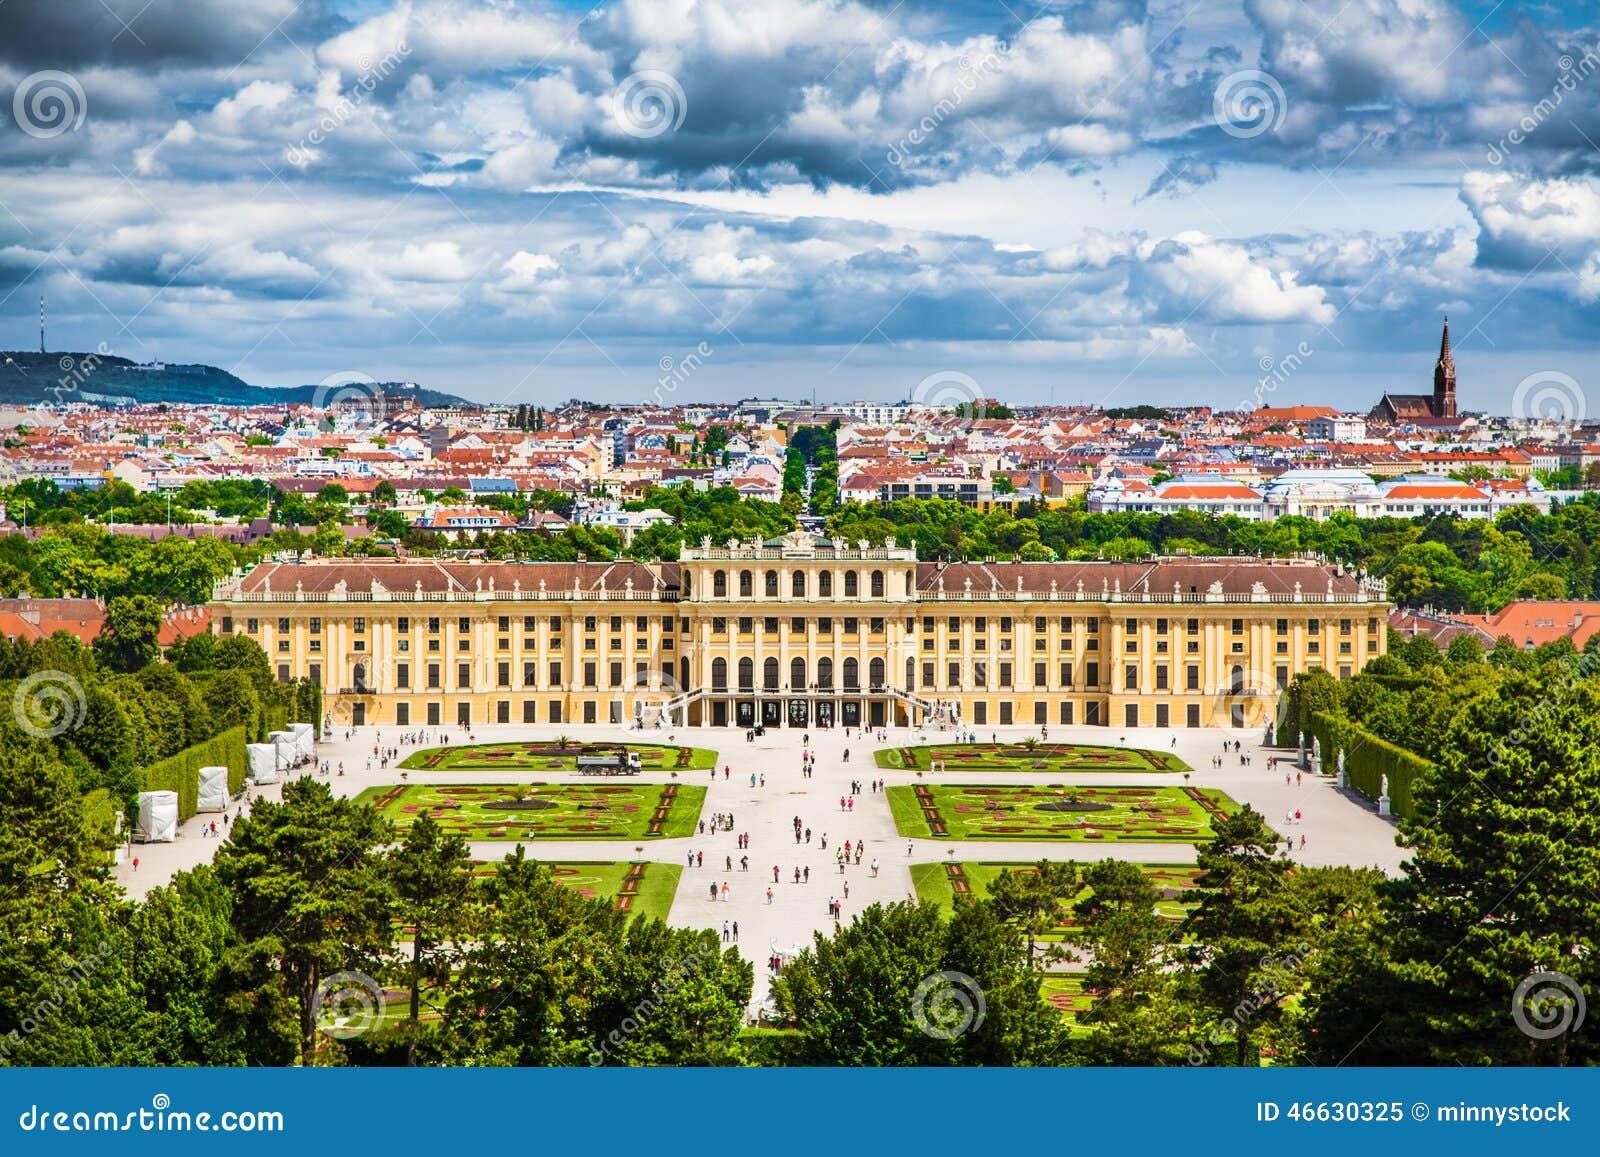 Palácio famoso de Schonbrunn em Viena, Áustria